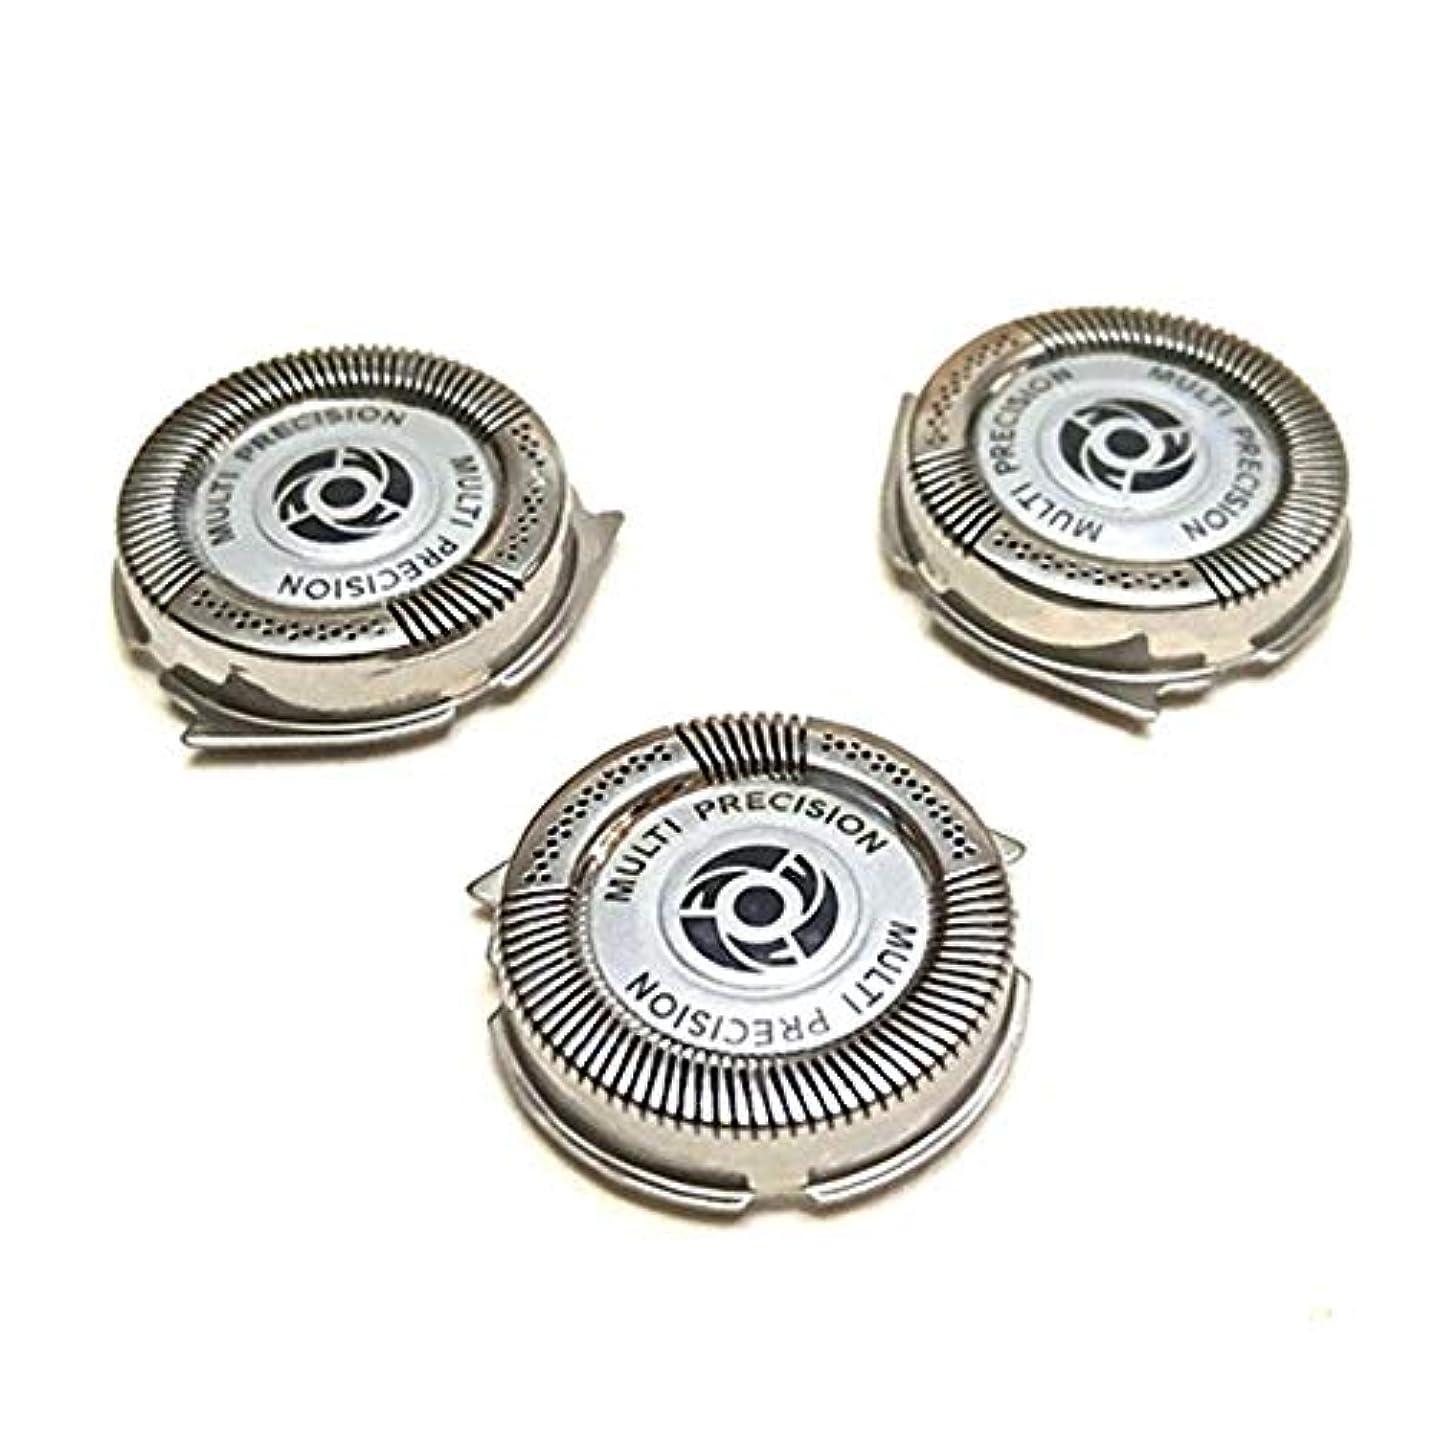 支給初心者ご飯3PCSシェーバー 替刃 交換用カッターヘッド フィリップスカミソリSH50 S5091 S5080 S5076 S5420 5082シェービング アクセサリー